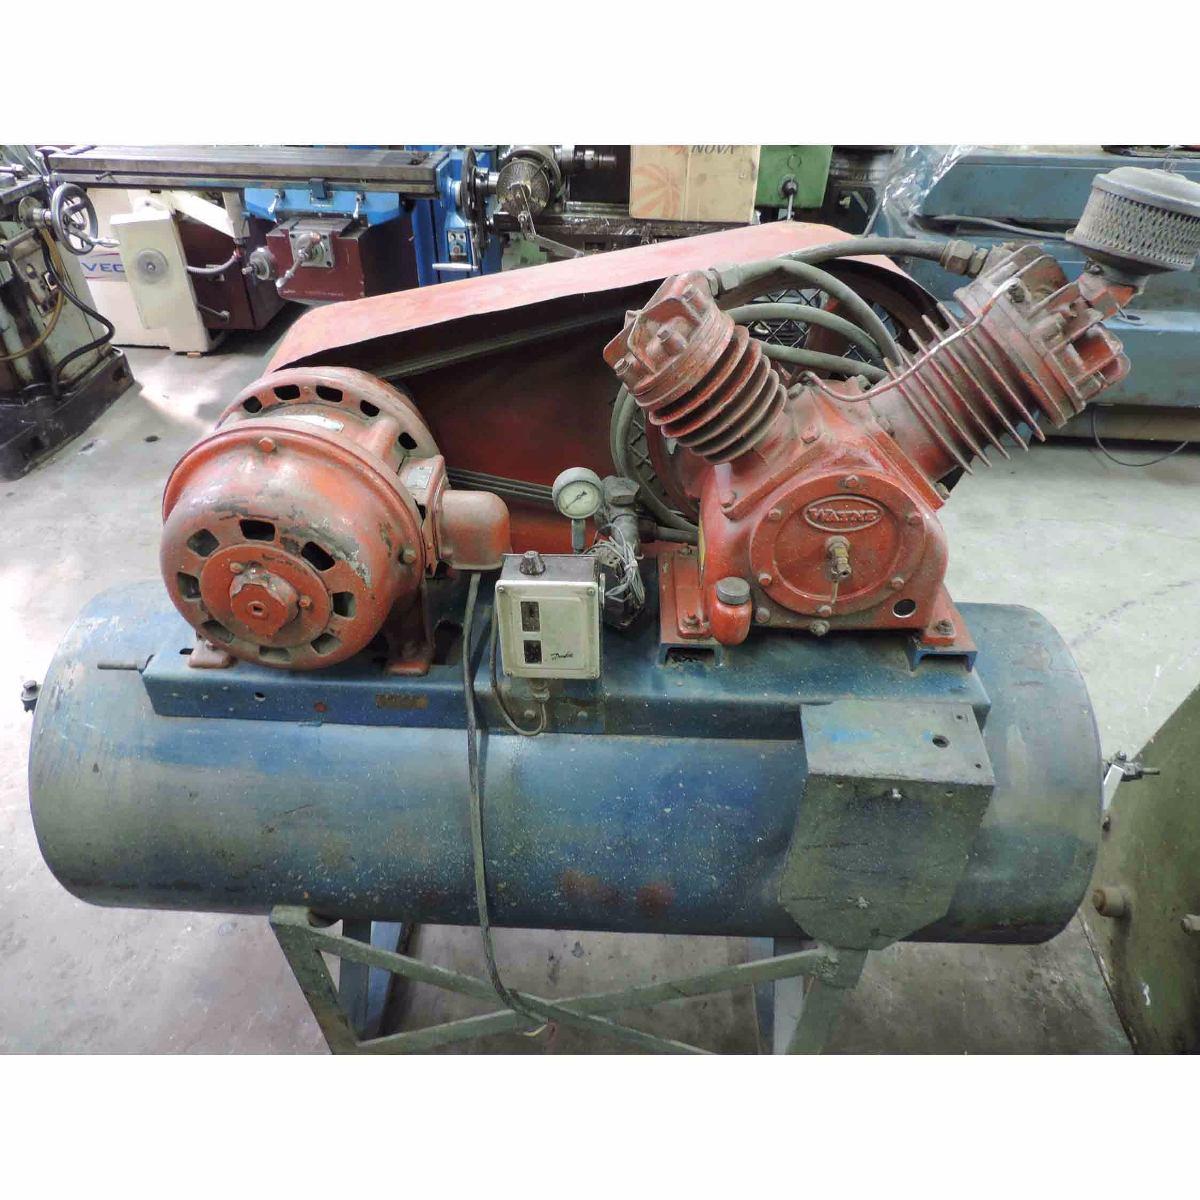 80ed15bbced Compressor De Ar Usado 20 Pés 350 Litros 175 Lbs Marca Wayne - R ...